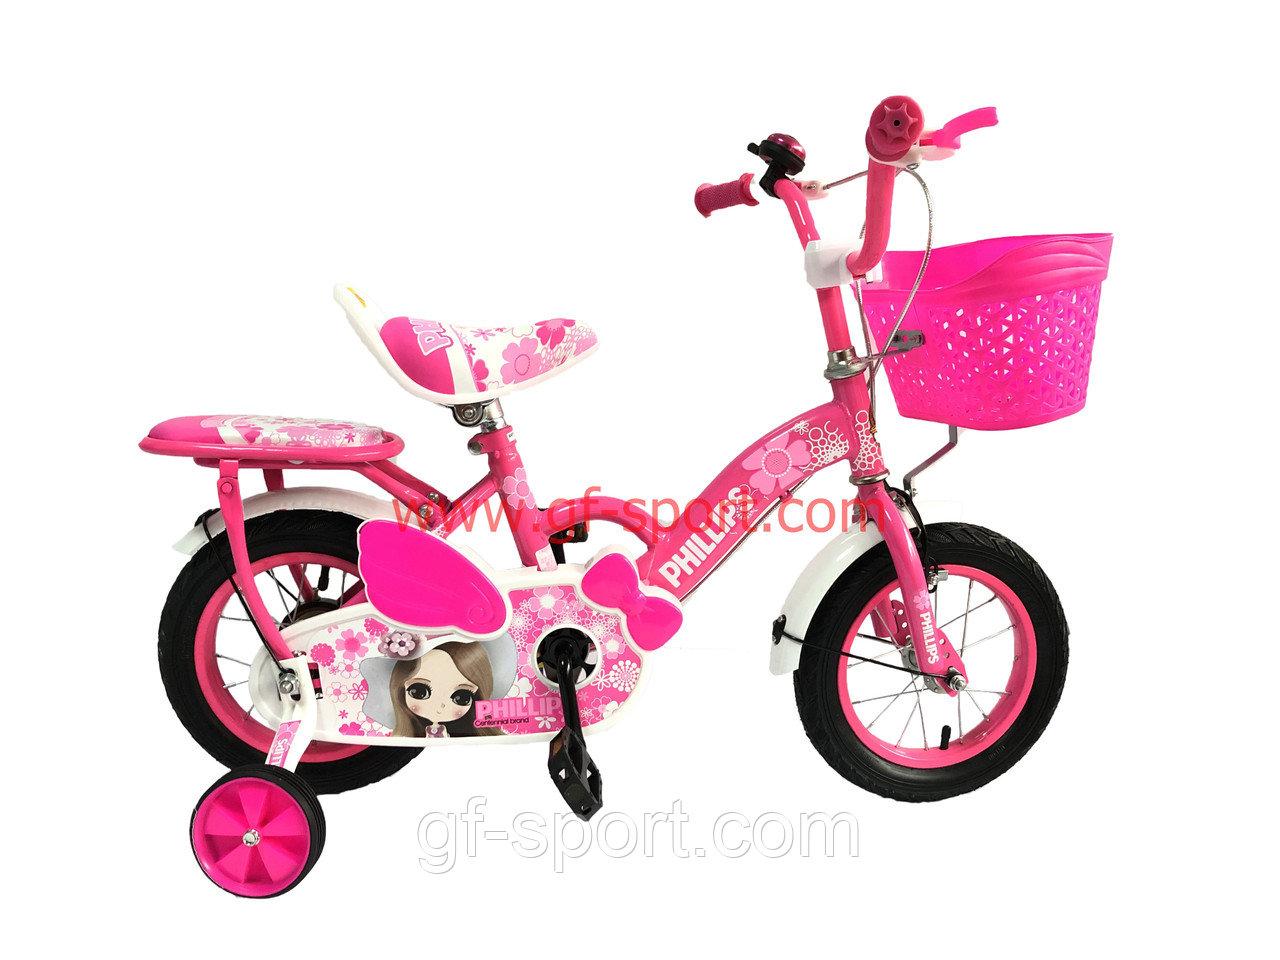 Велосипед Phillips Принцесса розовый оригинал детский с холостым ходом 12 размер